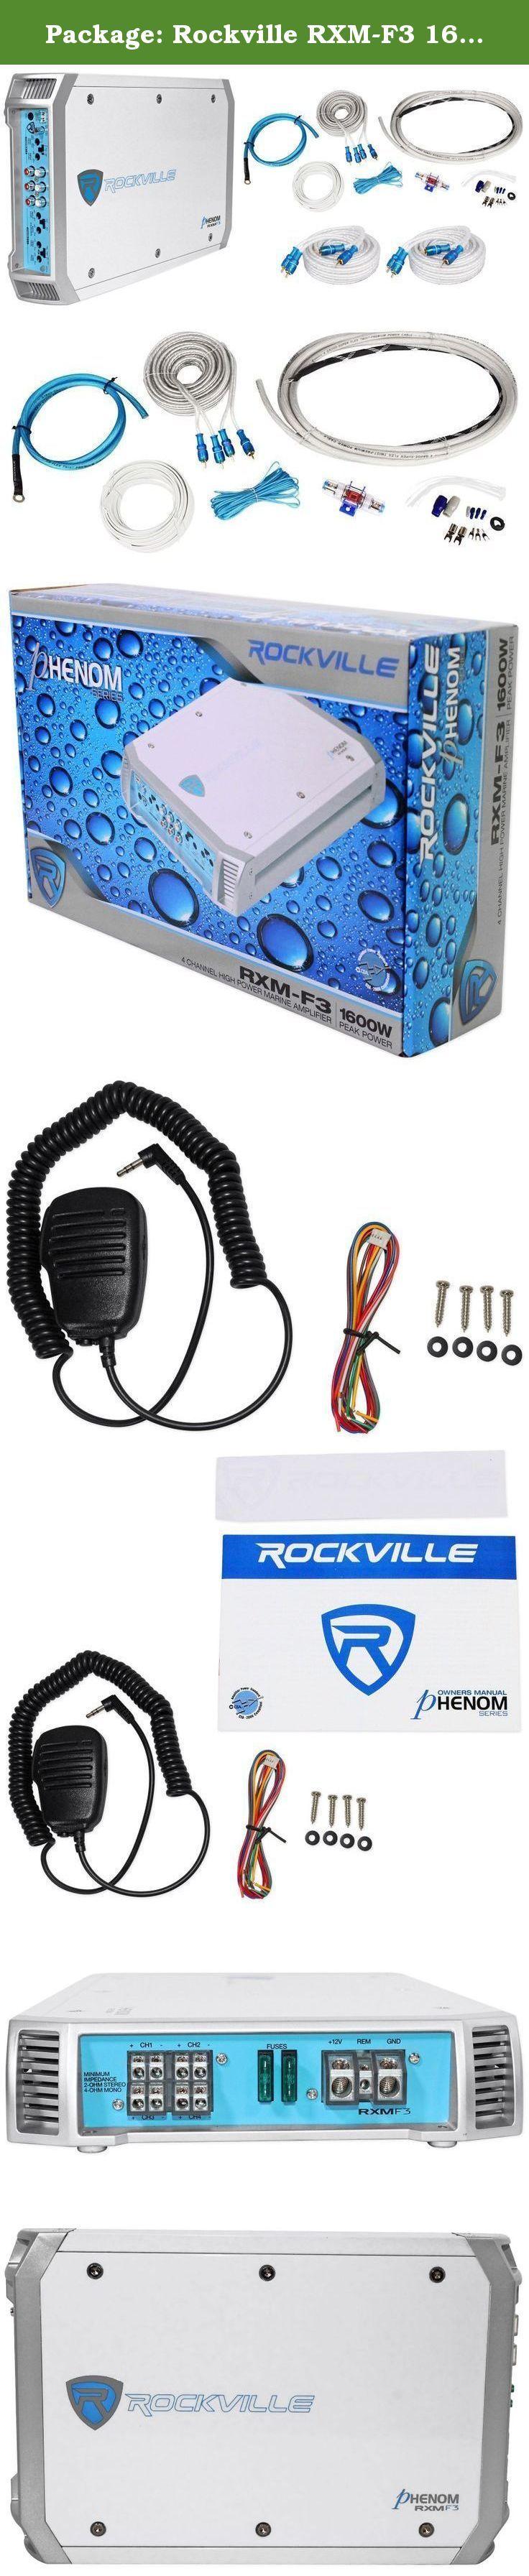 97 best Amplifiers, Car Audio, Car Electronics, Car & Vehicle ...